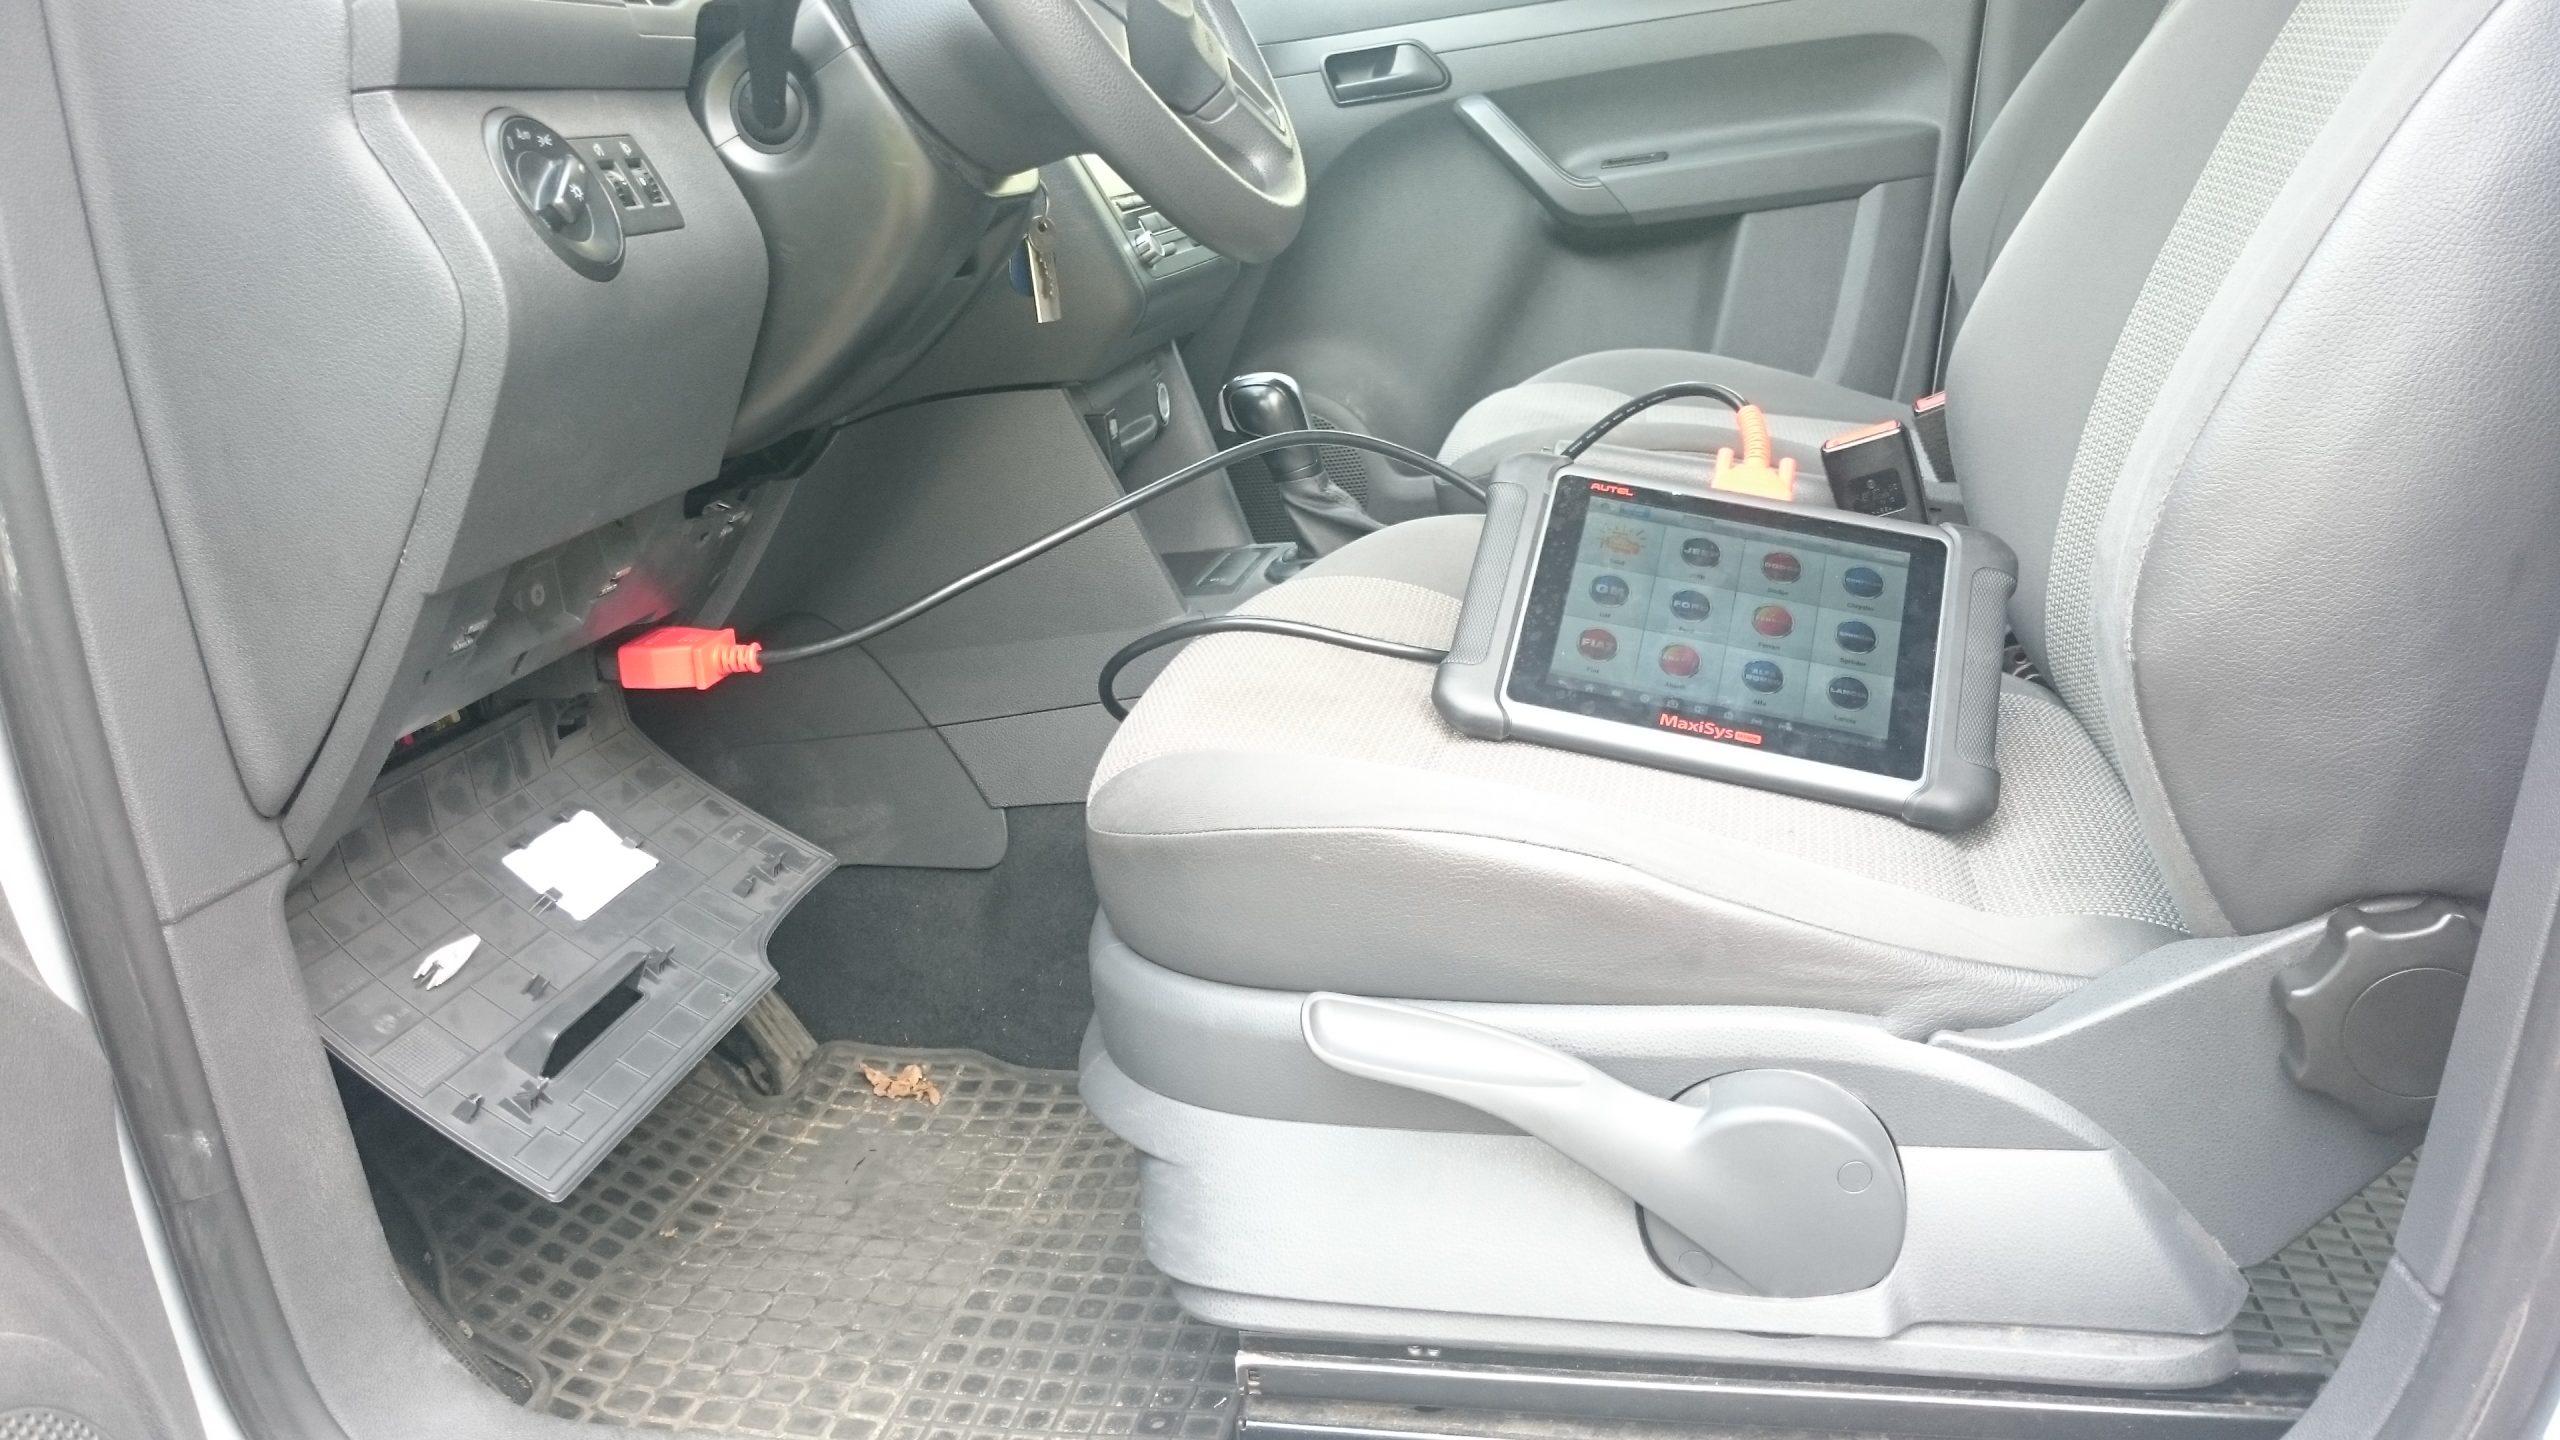 Auslesen am Fahrzeug